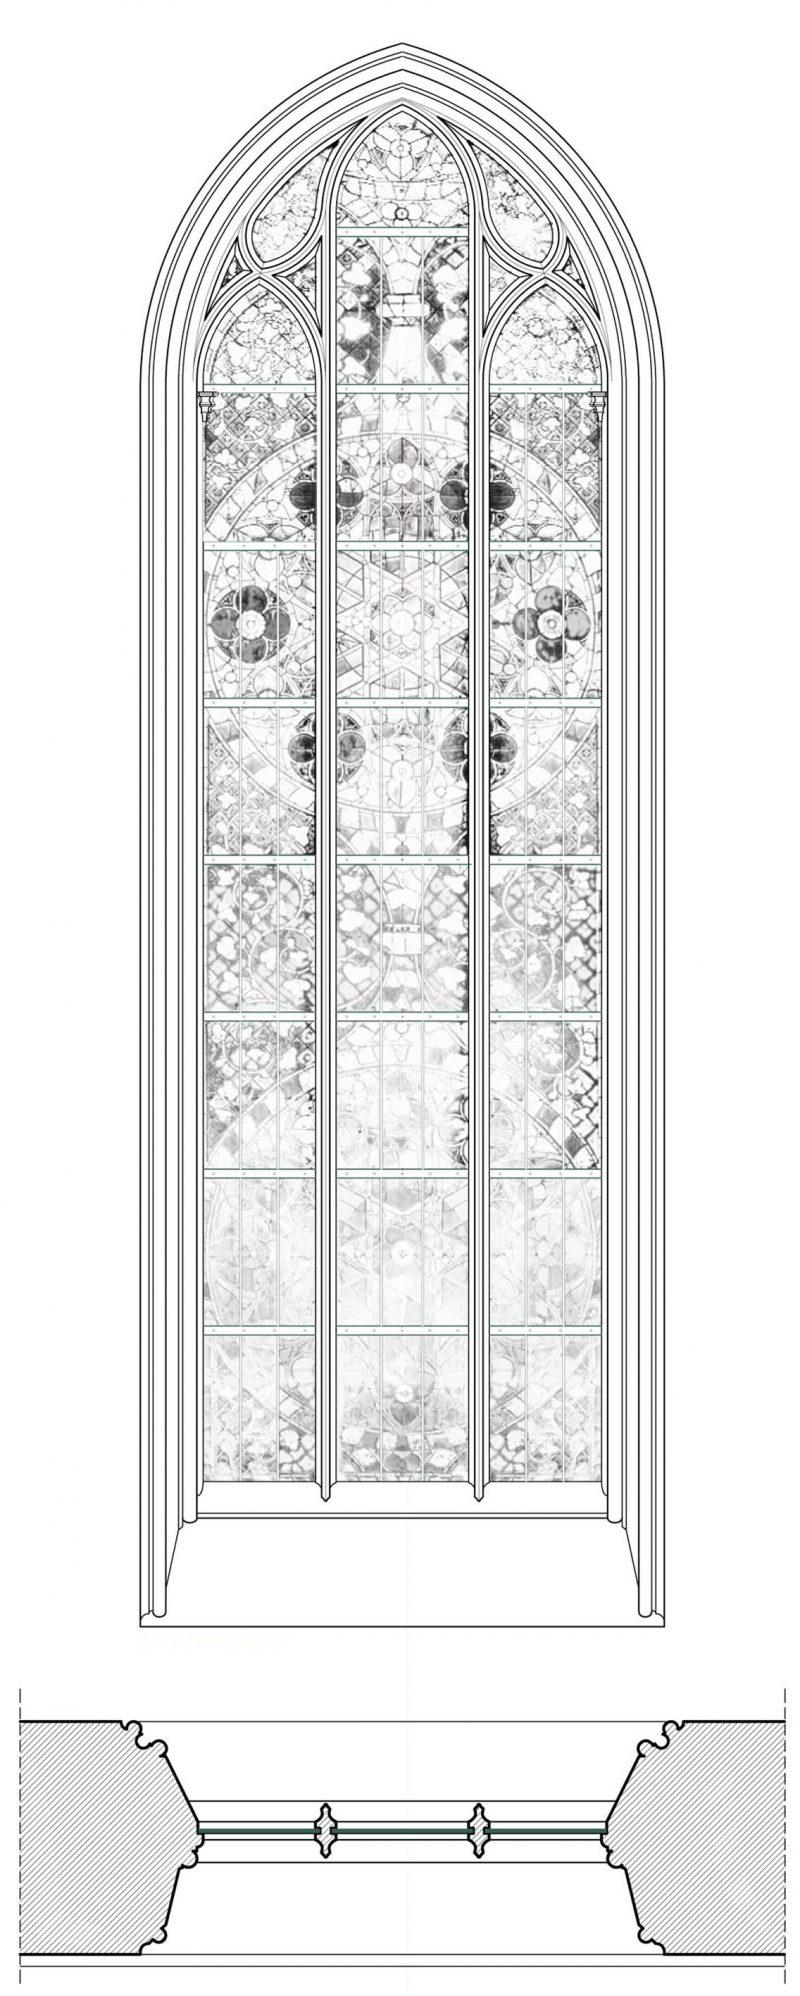 Agence Caillault ACMH – Transept sud de la Cathédrale – Strasbourg – Plan et élévation de la baie 112 (façade ouest)